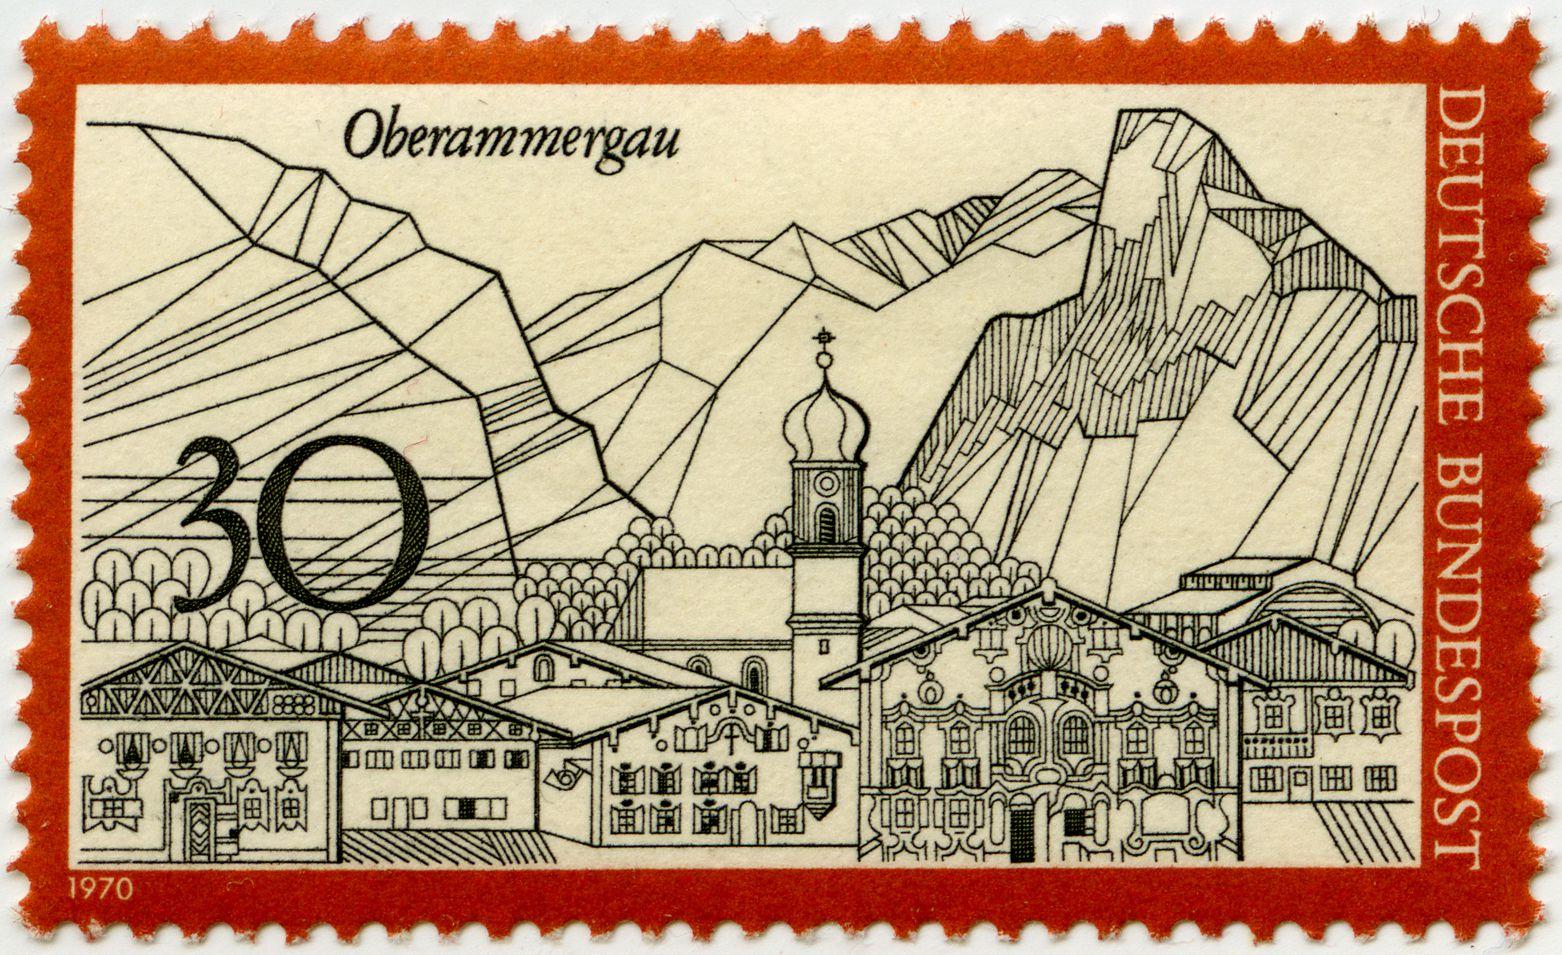 Oberammergau Gesamtansicht